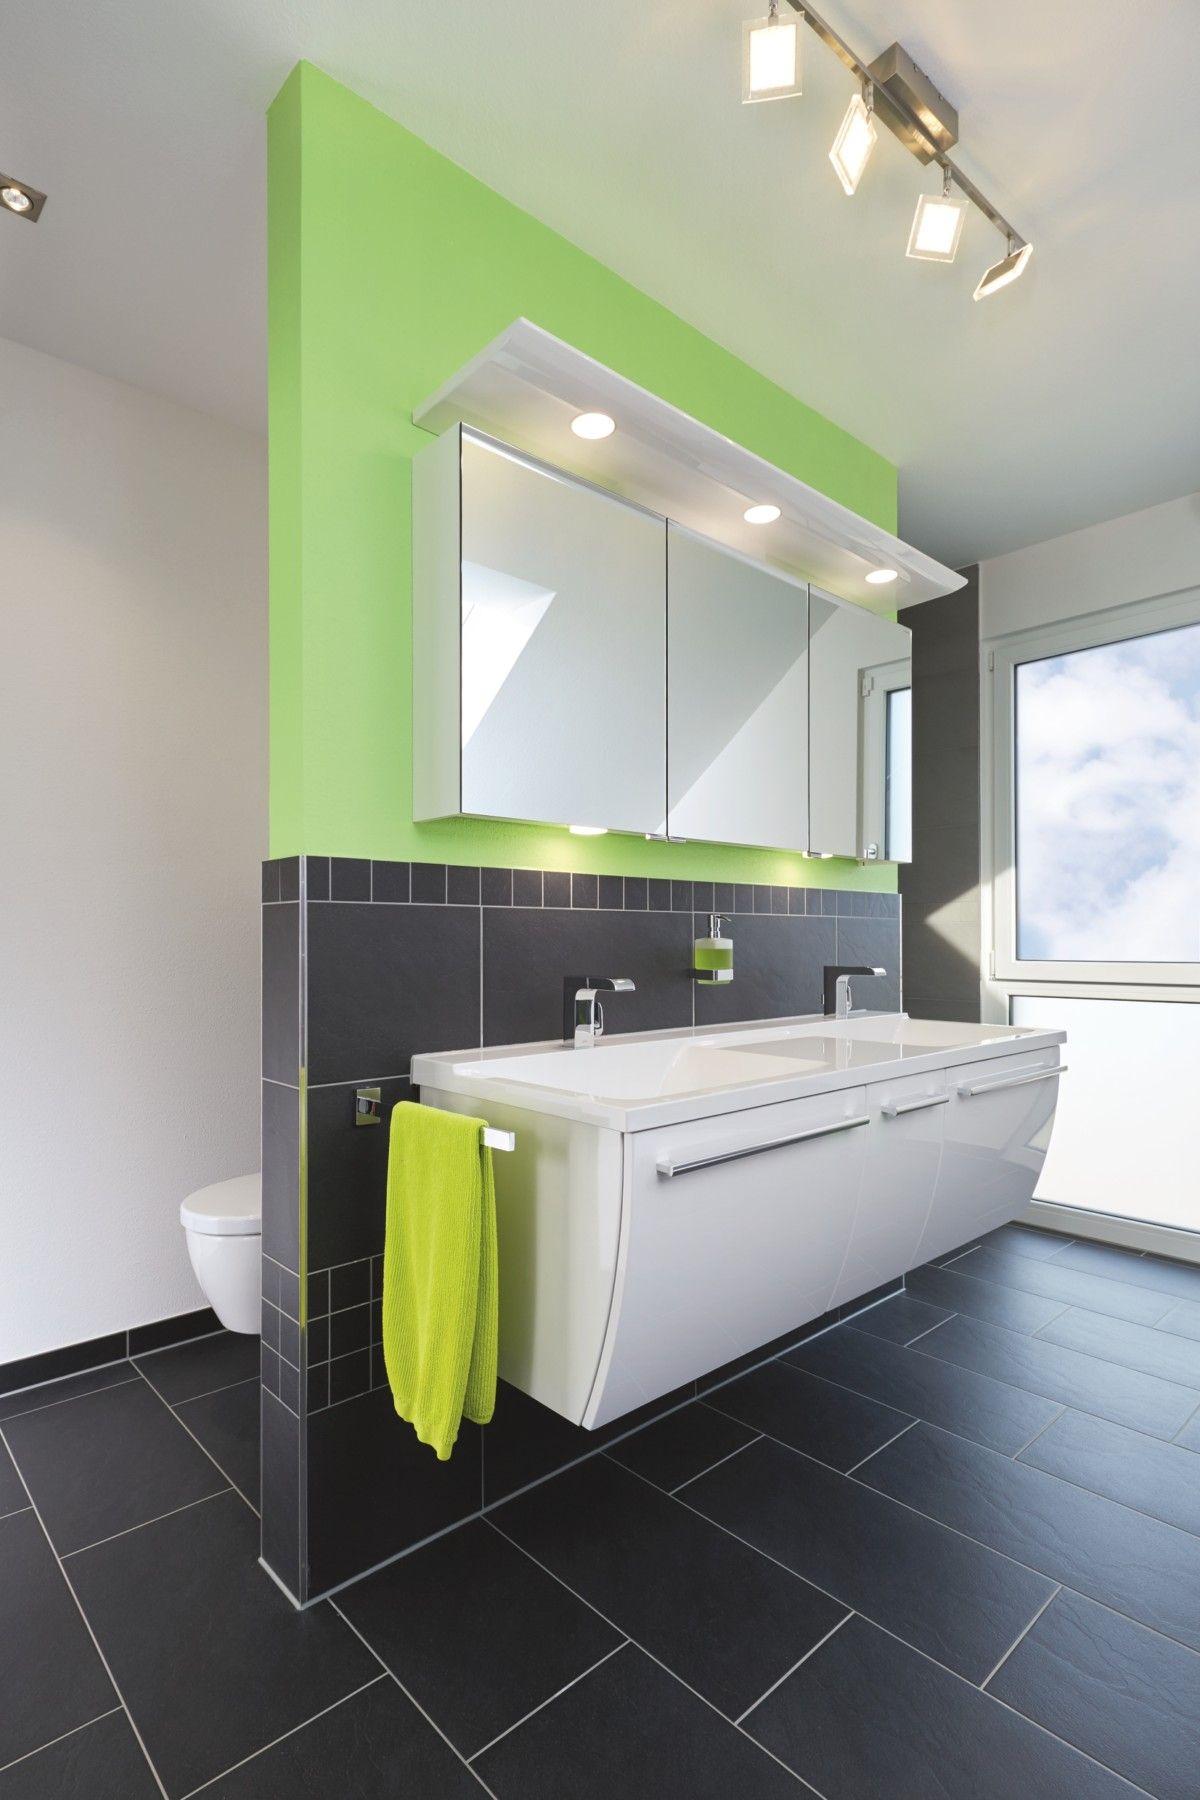 Badezimmer Trennwand Wc Und Doppelwaschbecken Fliesen Grau Einrichtungsideen Haus Generation 5 5 Weberhaus Hausbaudir Weber Haus Haus Badezimmer Renovieren